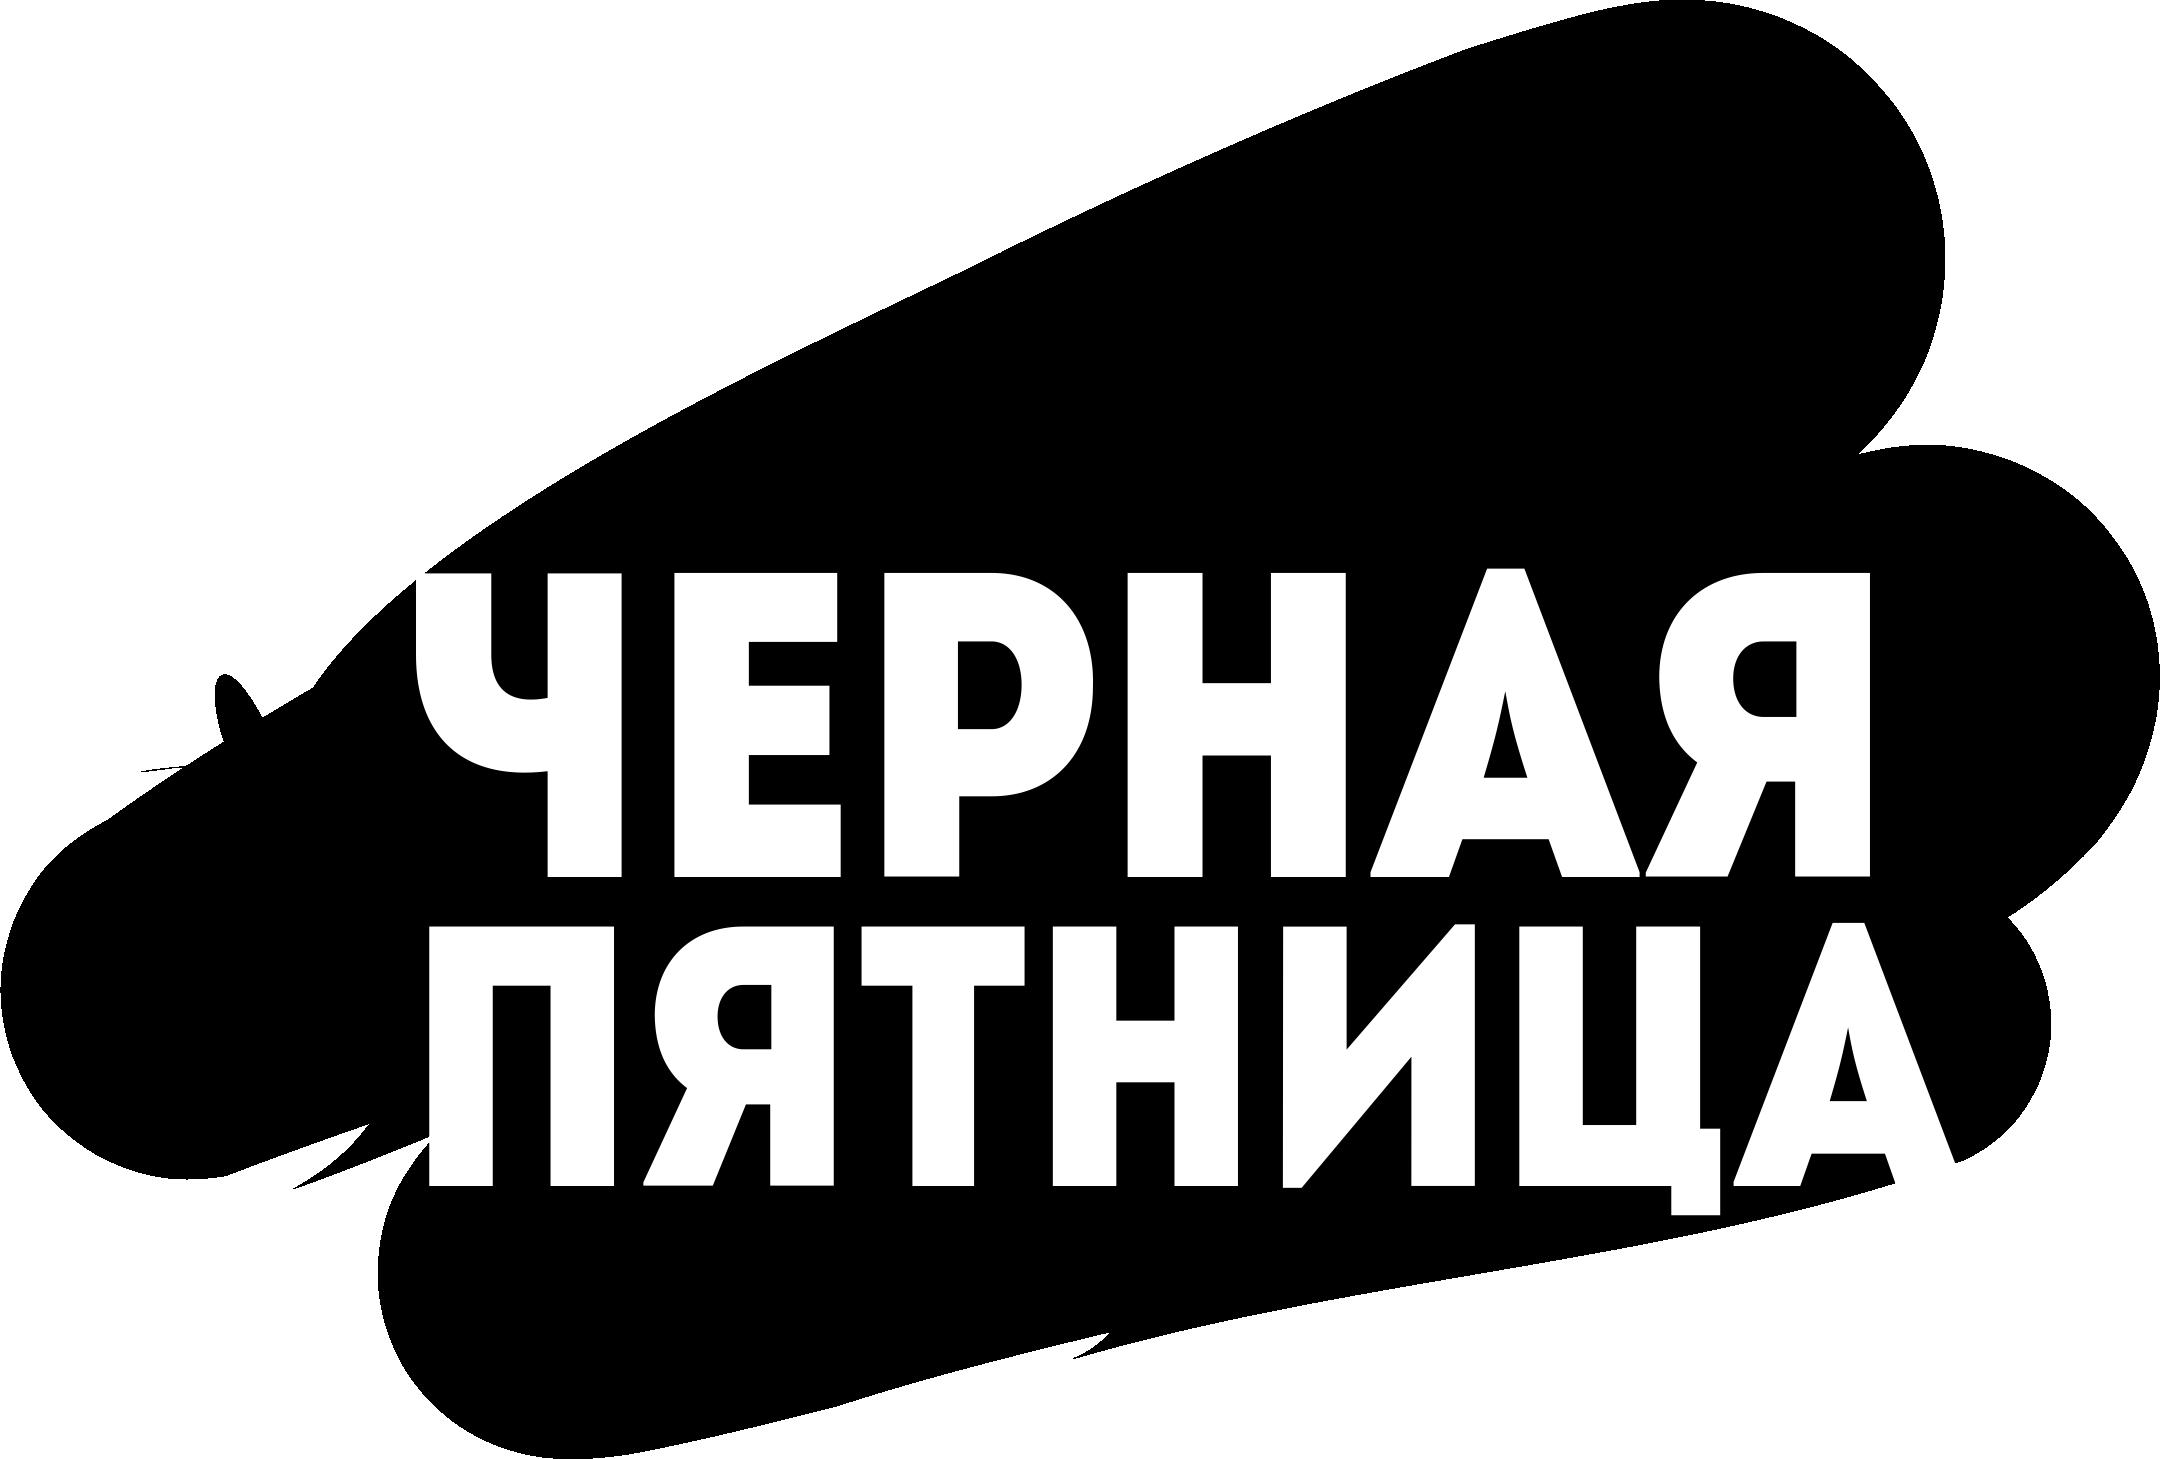 при черная пятница картинка на русском хламидими происходит